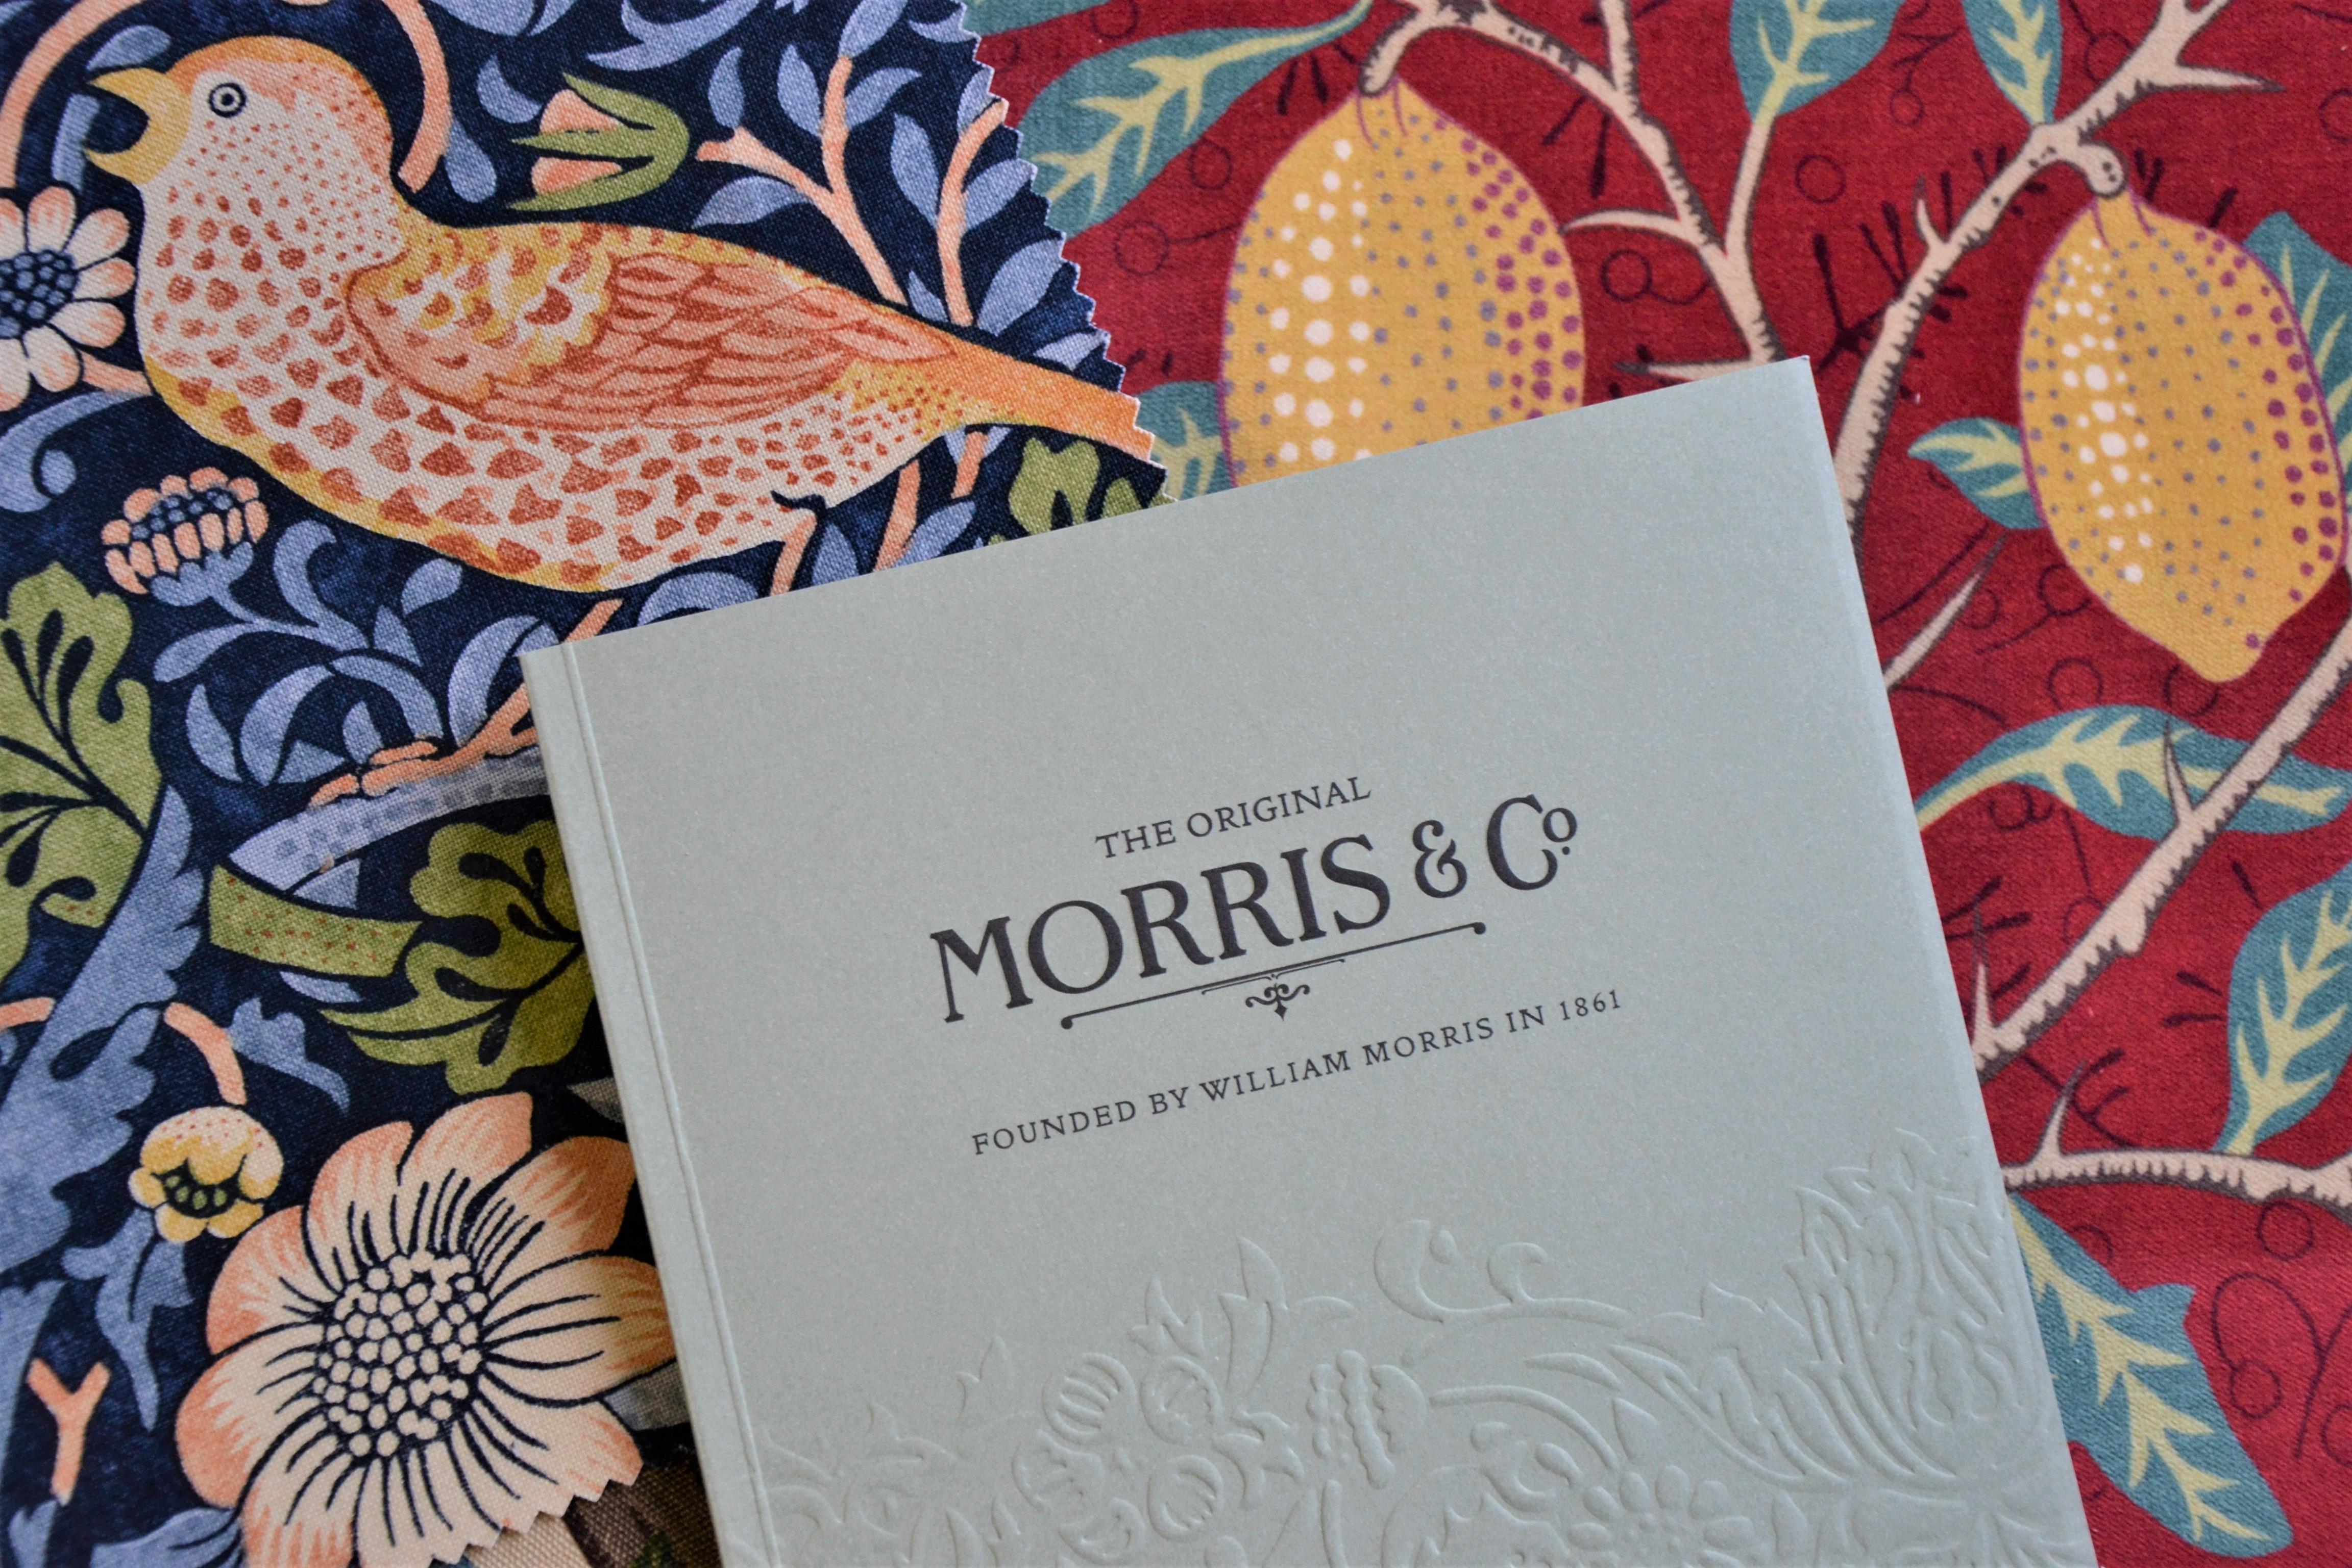 William Morris, tyg, röd, grön blå, vackert mönster